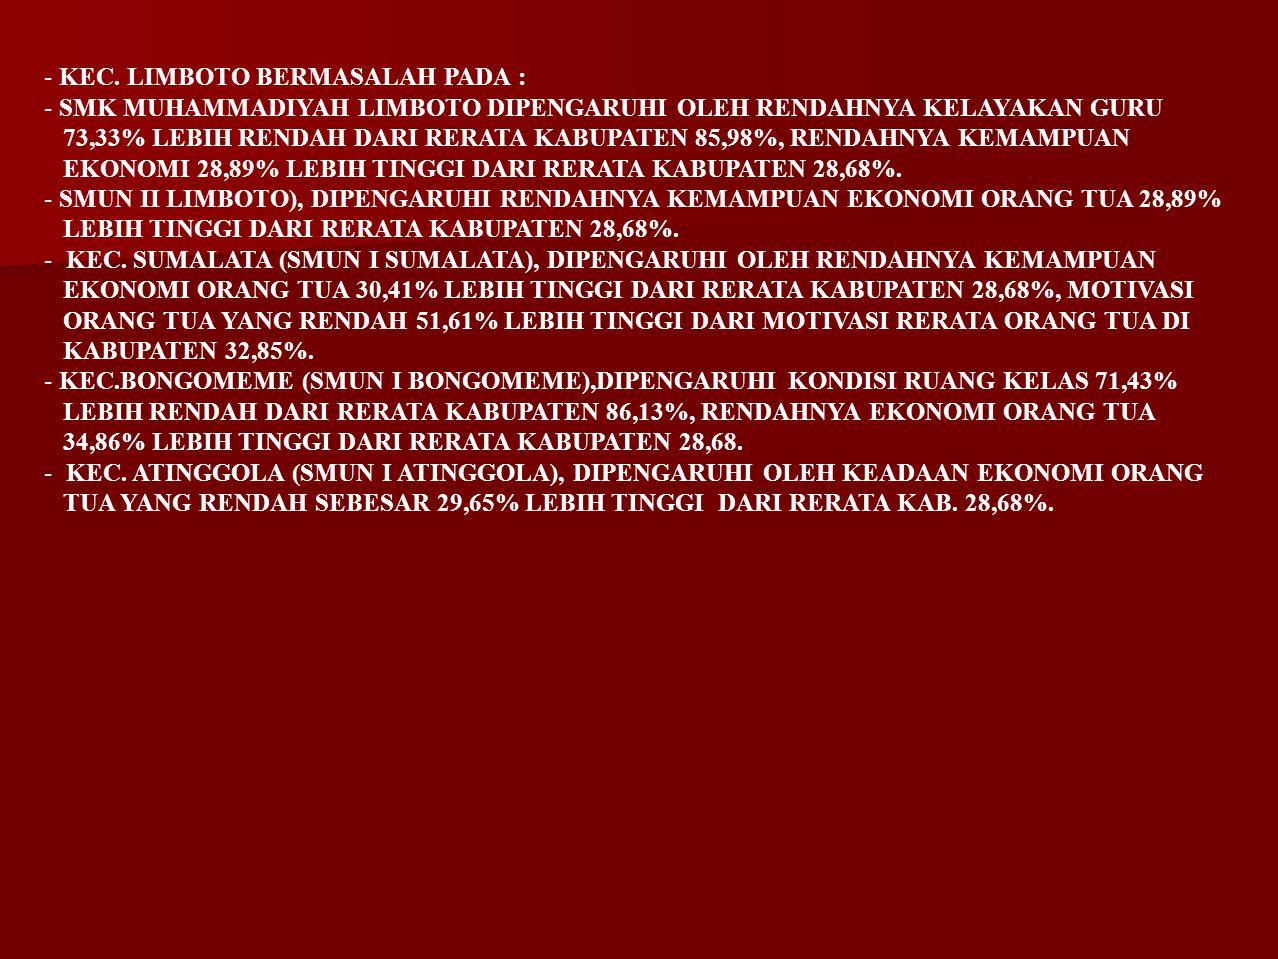 KEC. LIMBOTO BERMASALAH PADA :